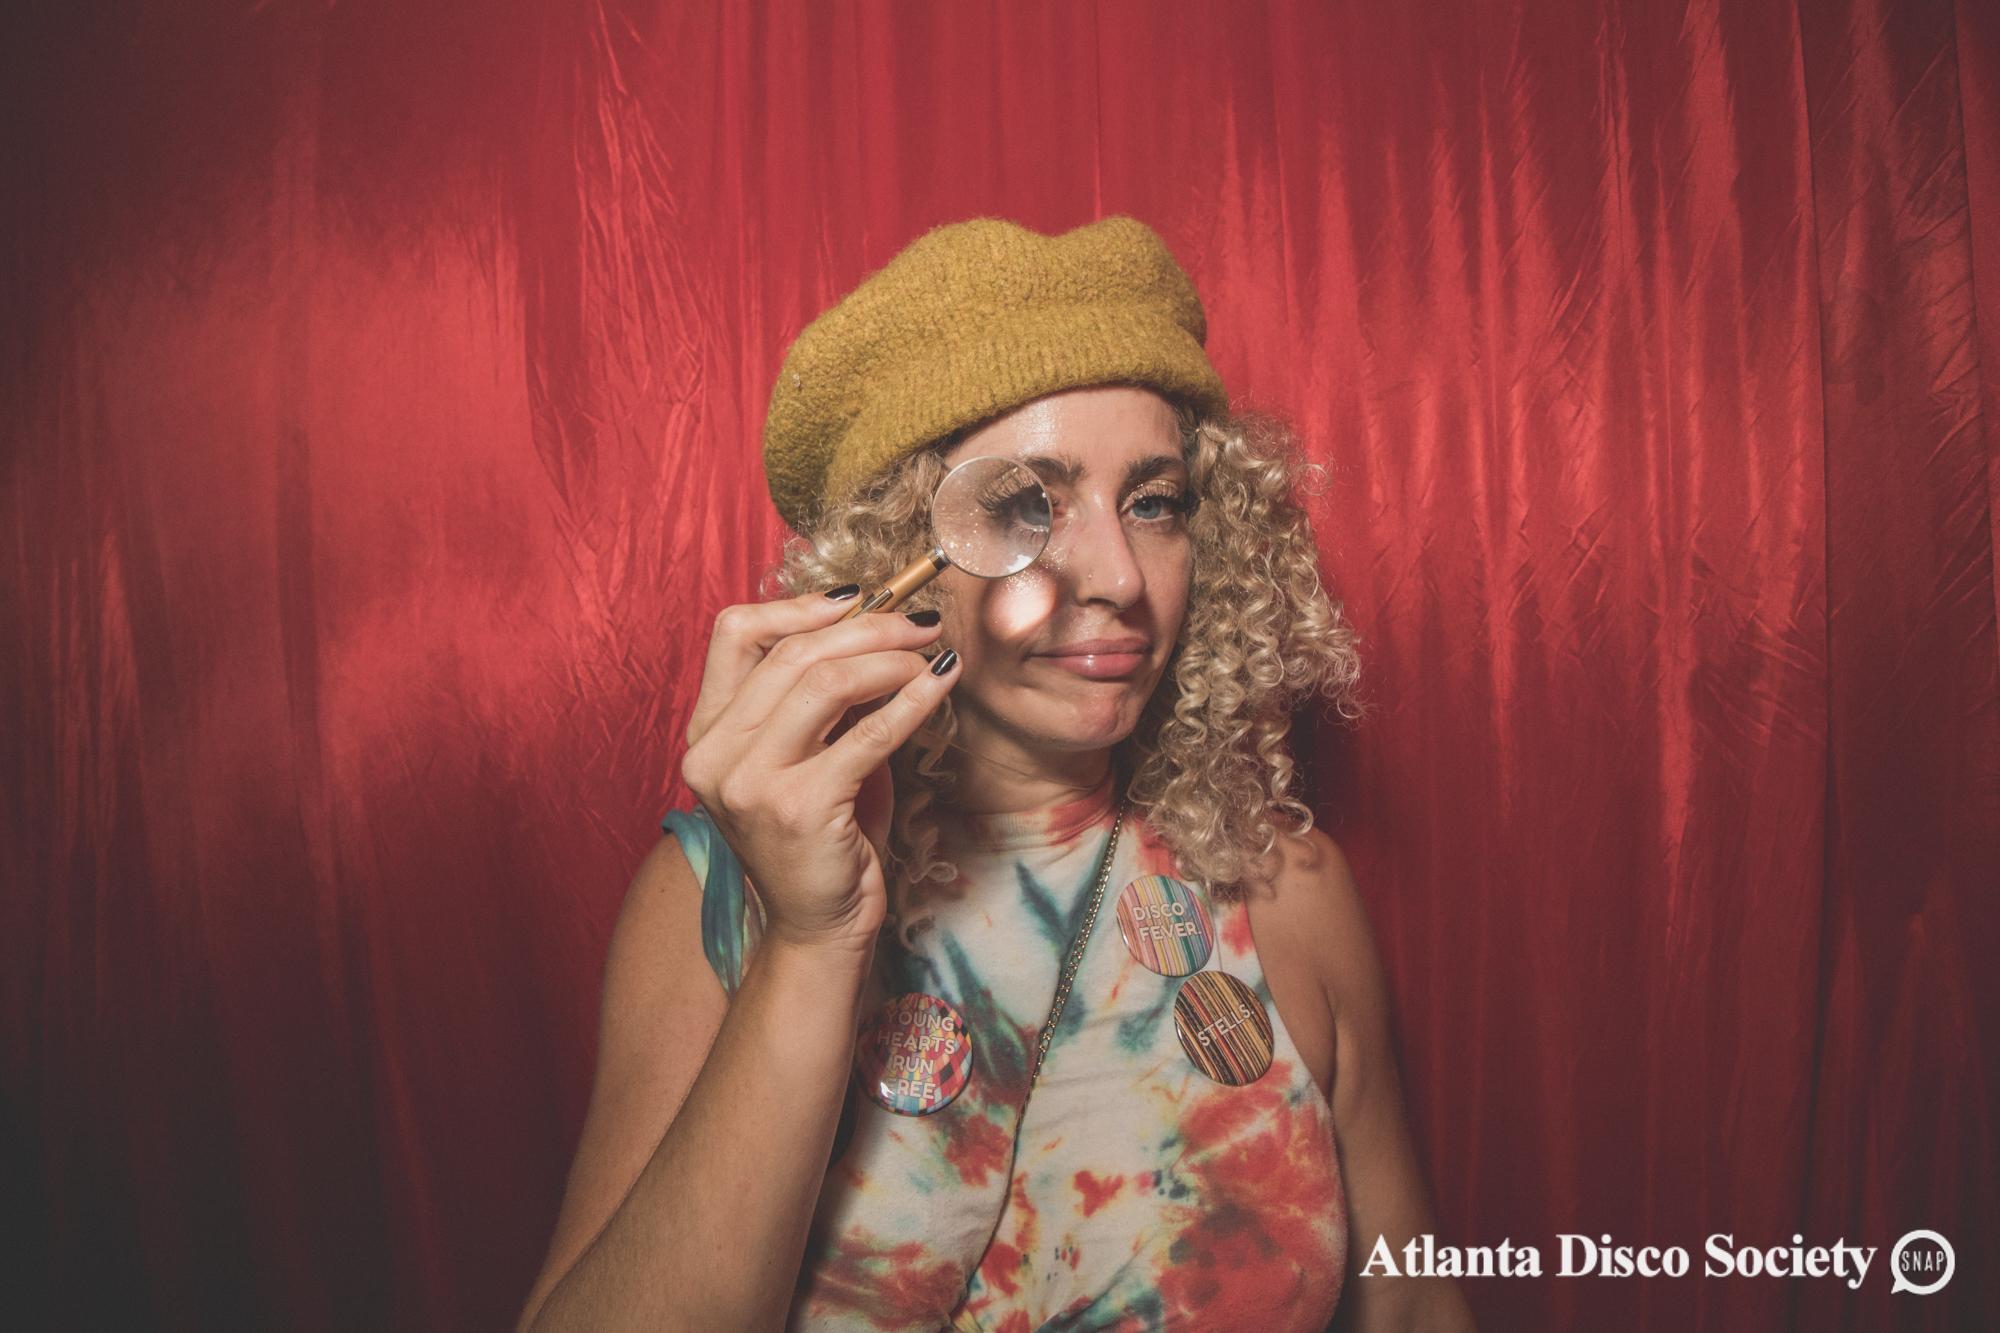 117Atlanta Disco Society Grace Kelly Oh Snap Kid 7.27.19.jpg